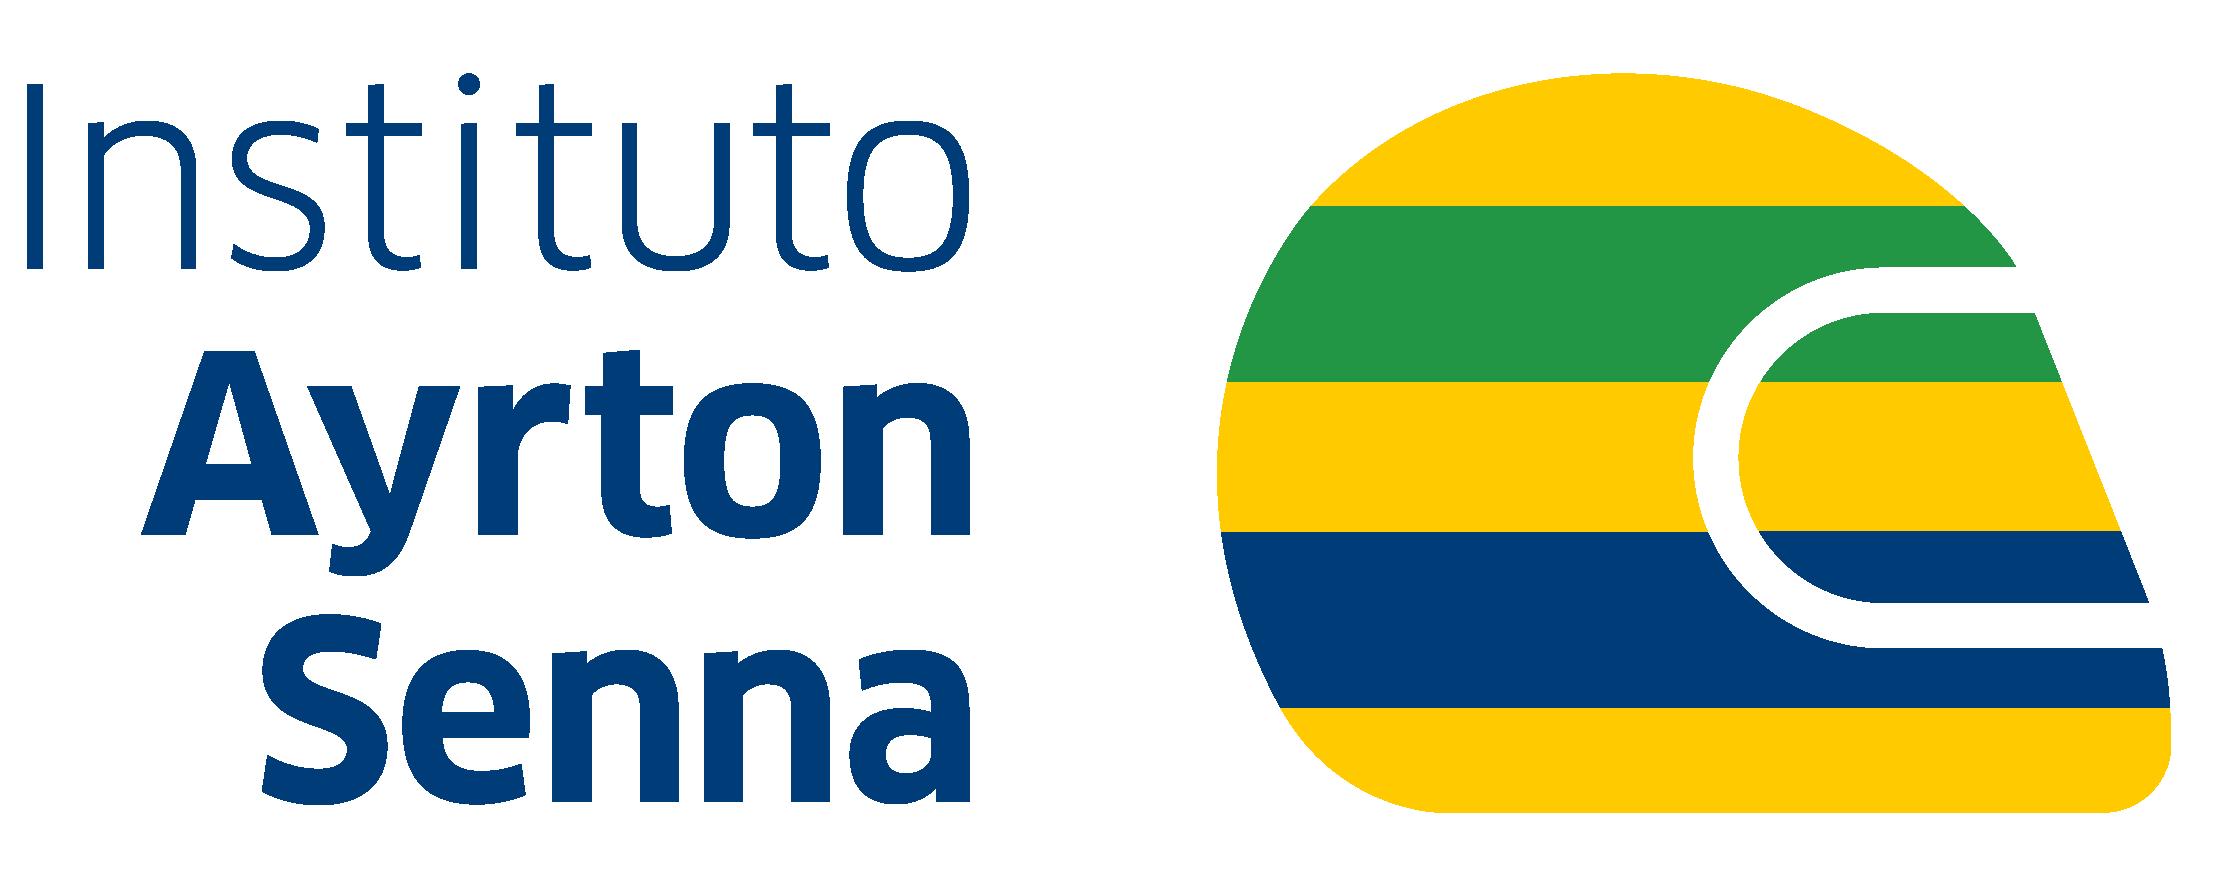 Sebrae prepara plano de trabalho com o Instituto Ayrton Senna